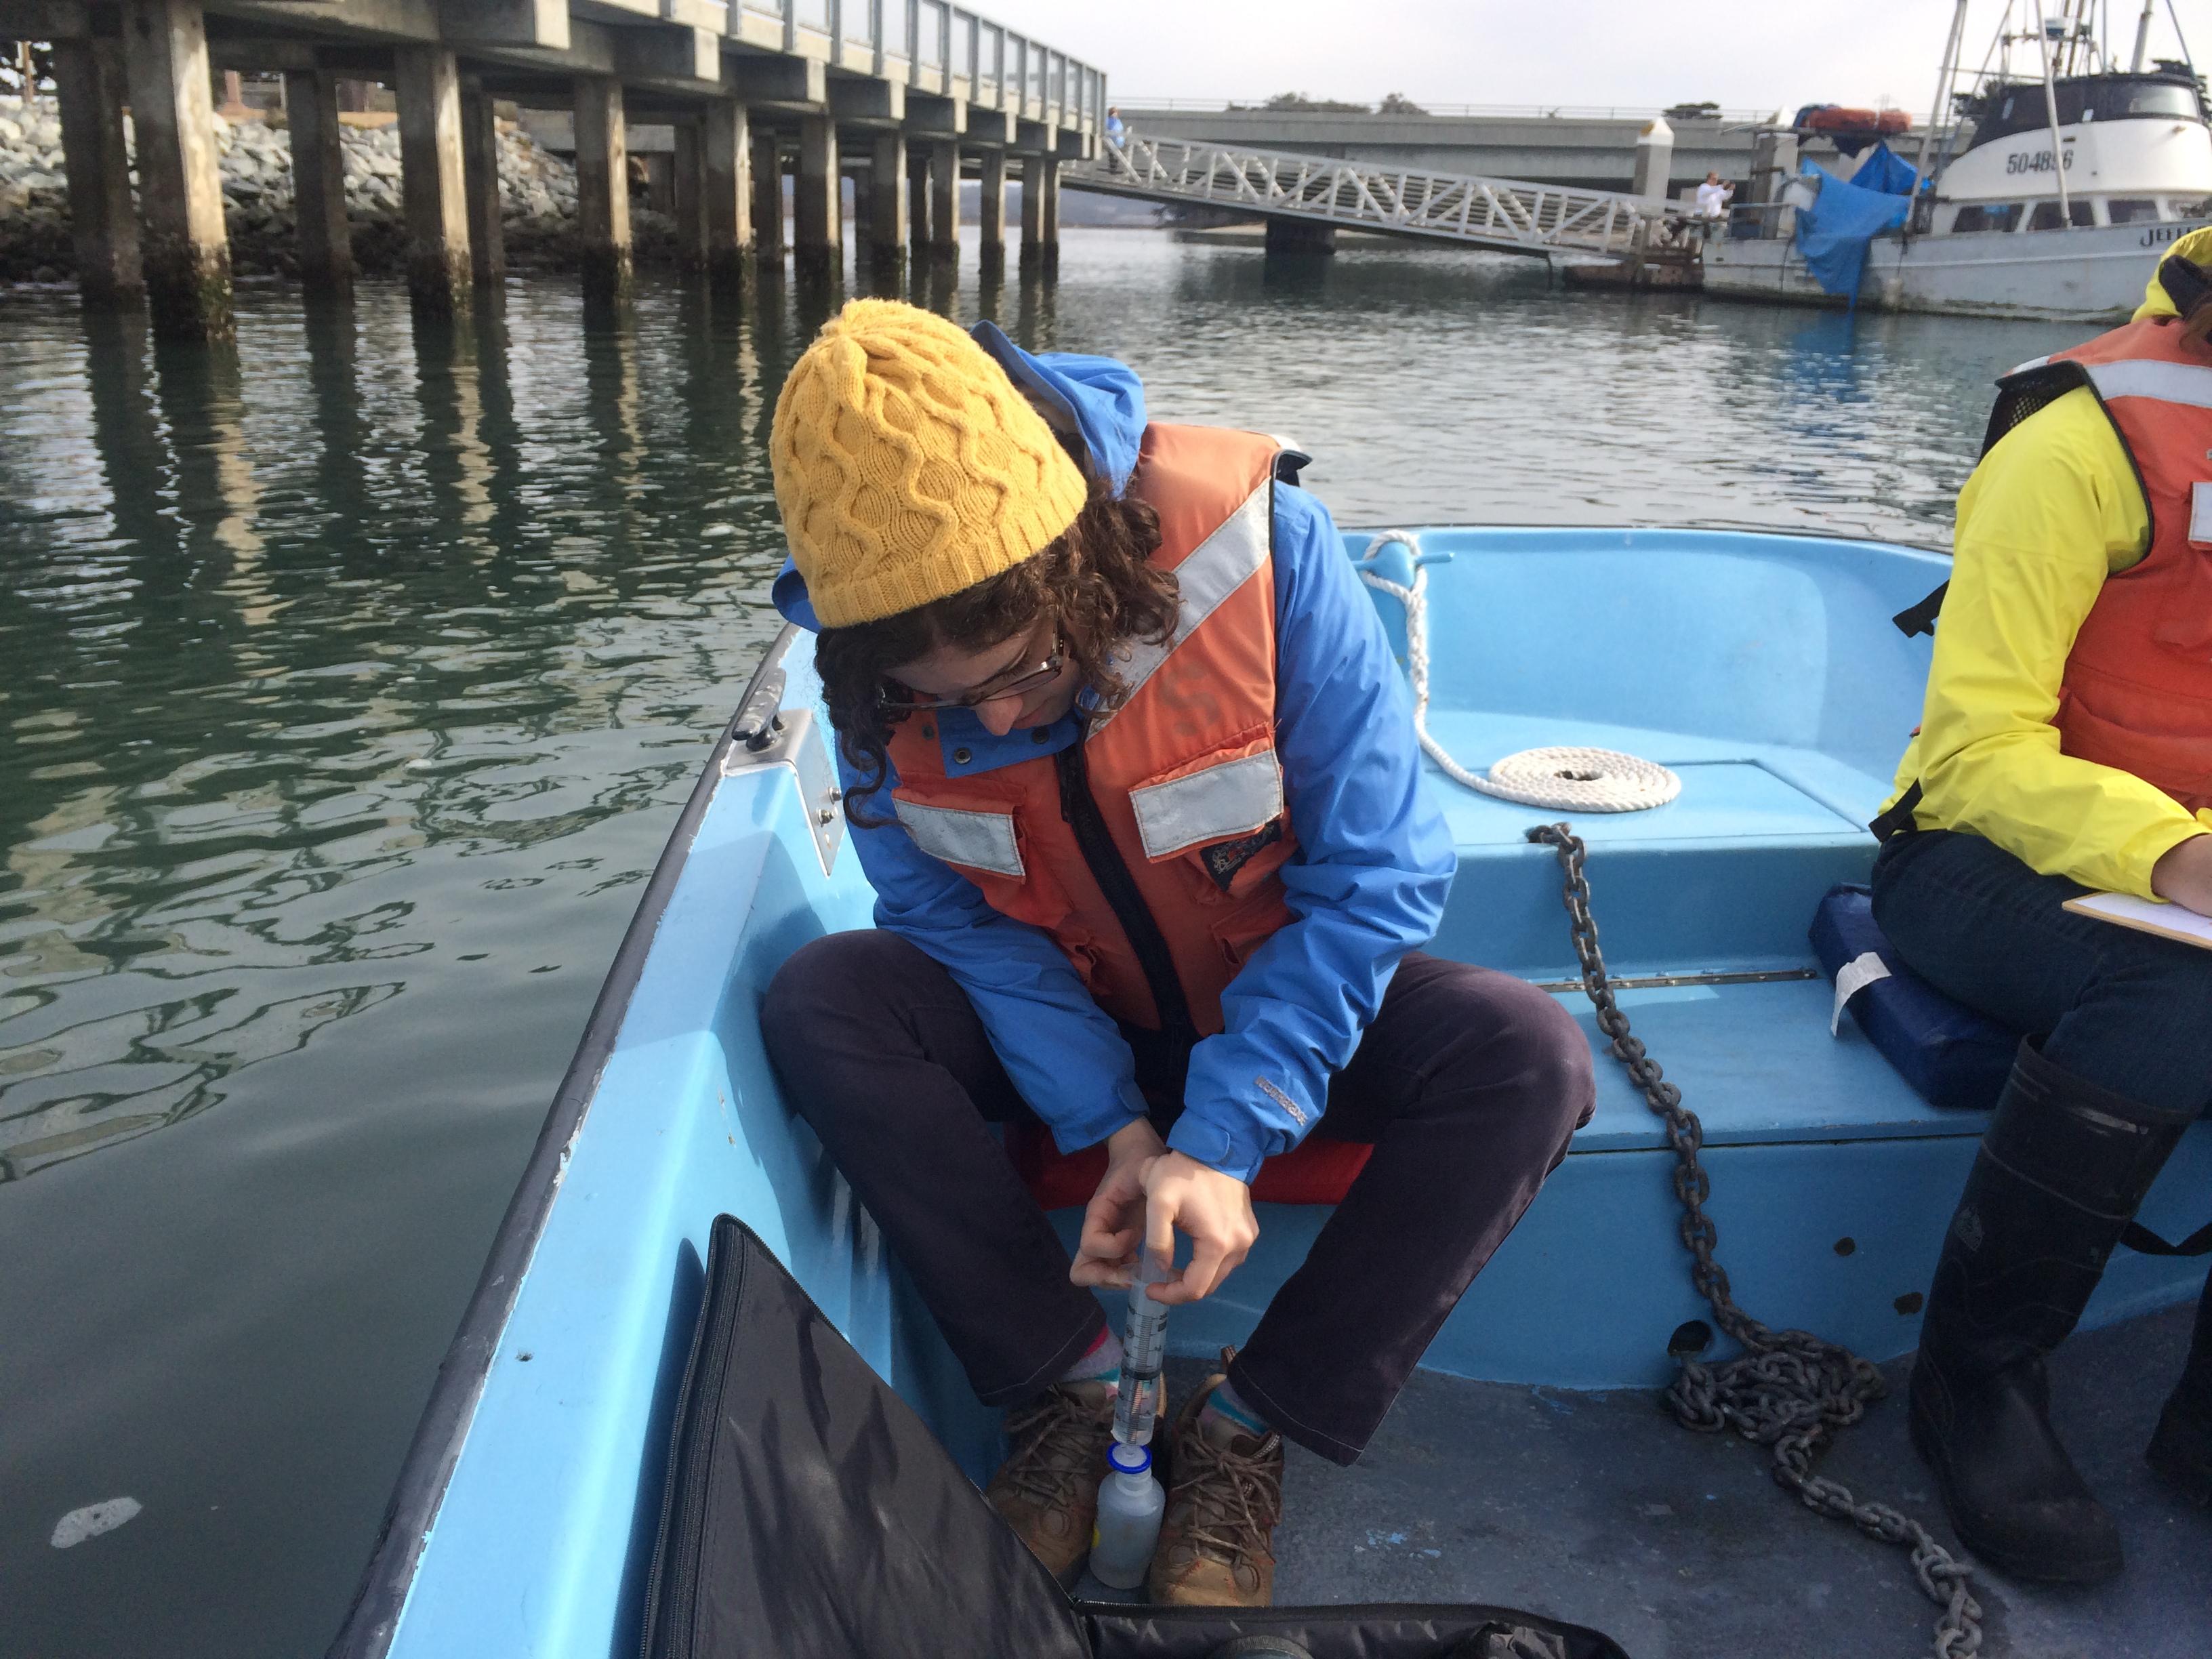 Marisa filtering seawater